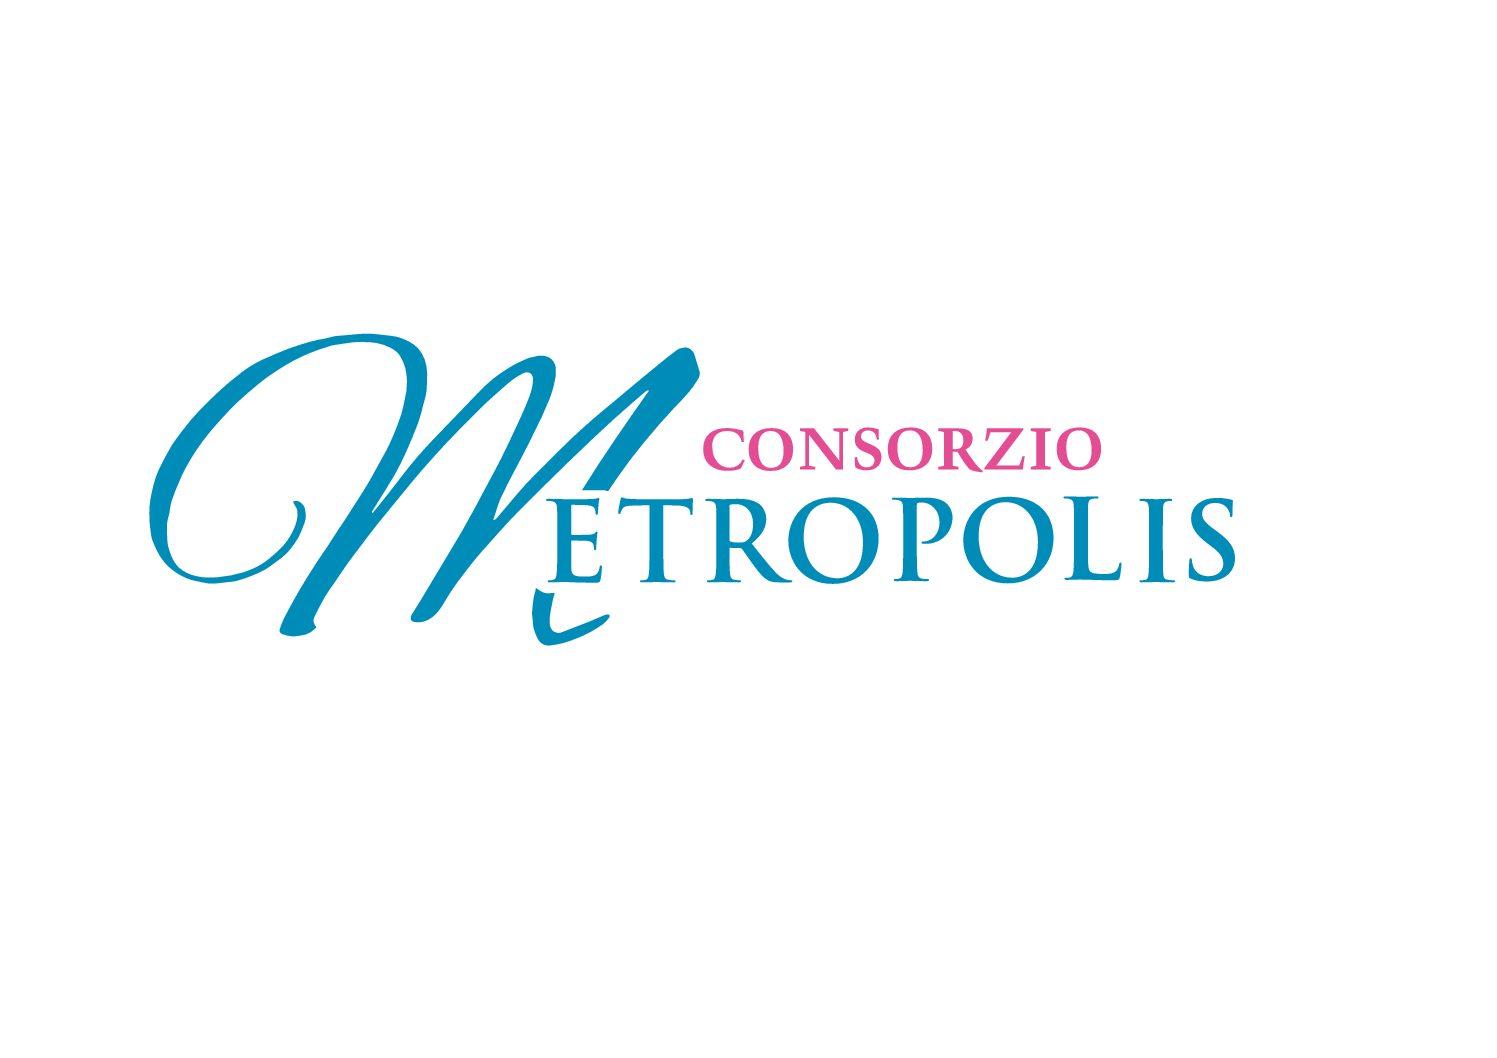 logo CONSORZIO METROPOLIS